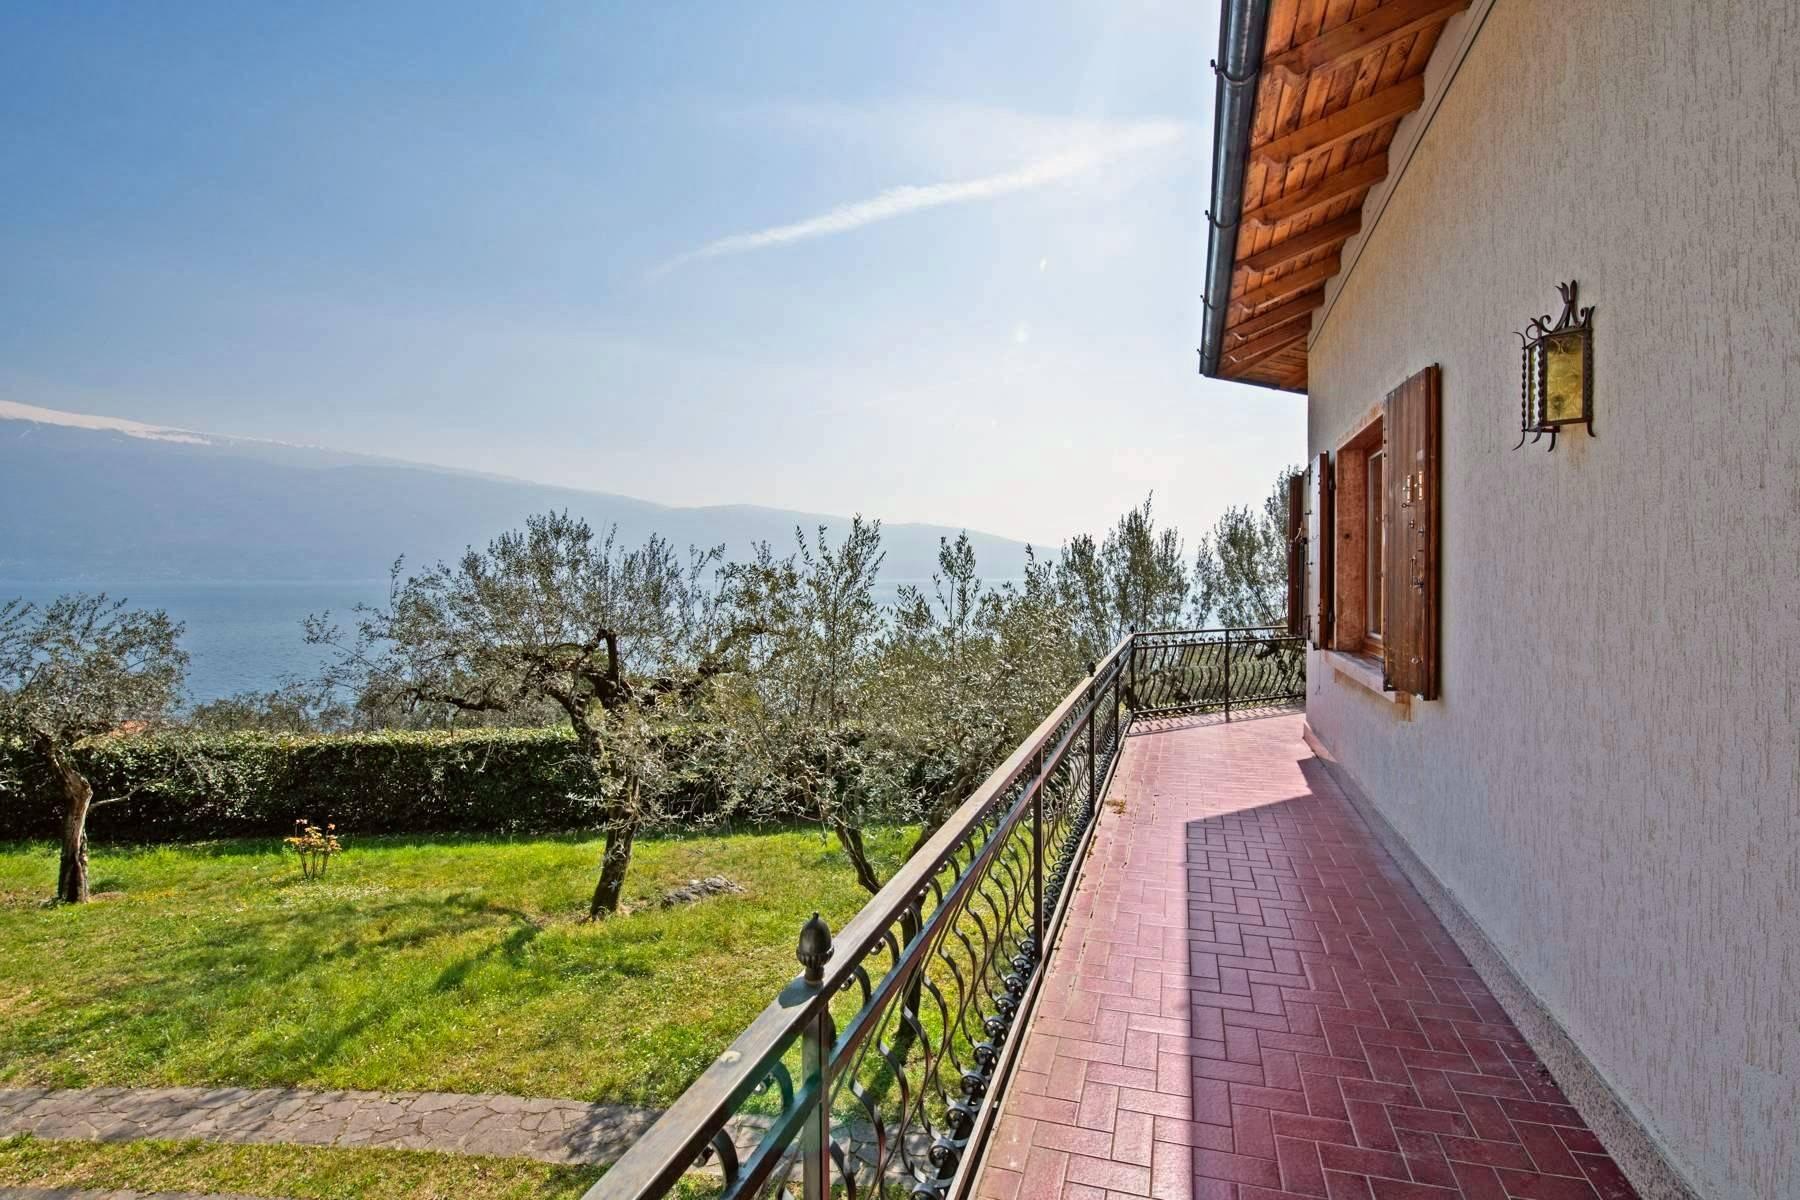 Villa in Vendita a Gargnano: 5 locali, 330 mq - Foto 2